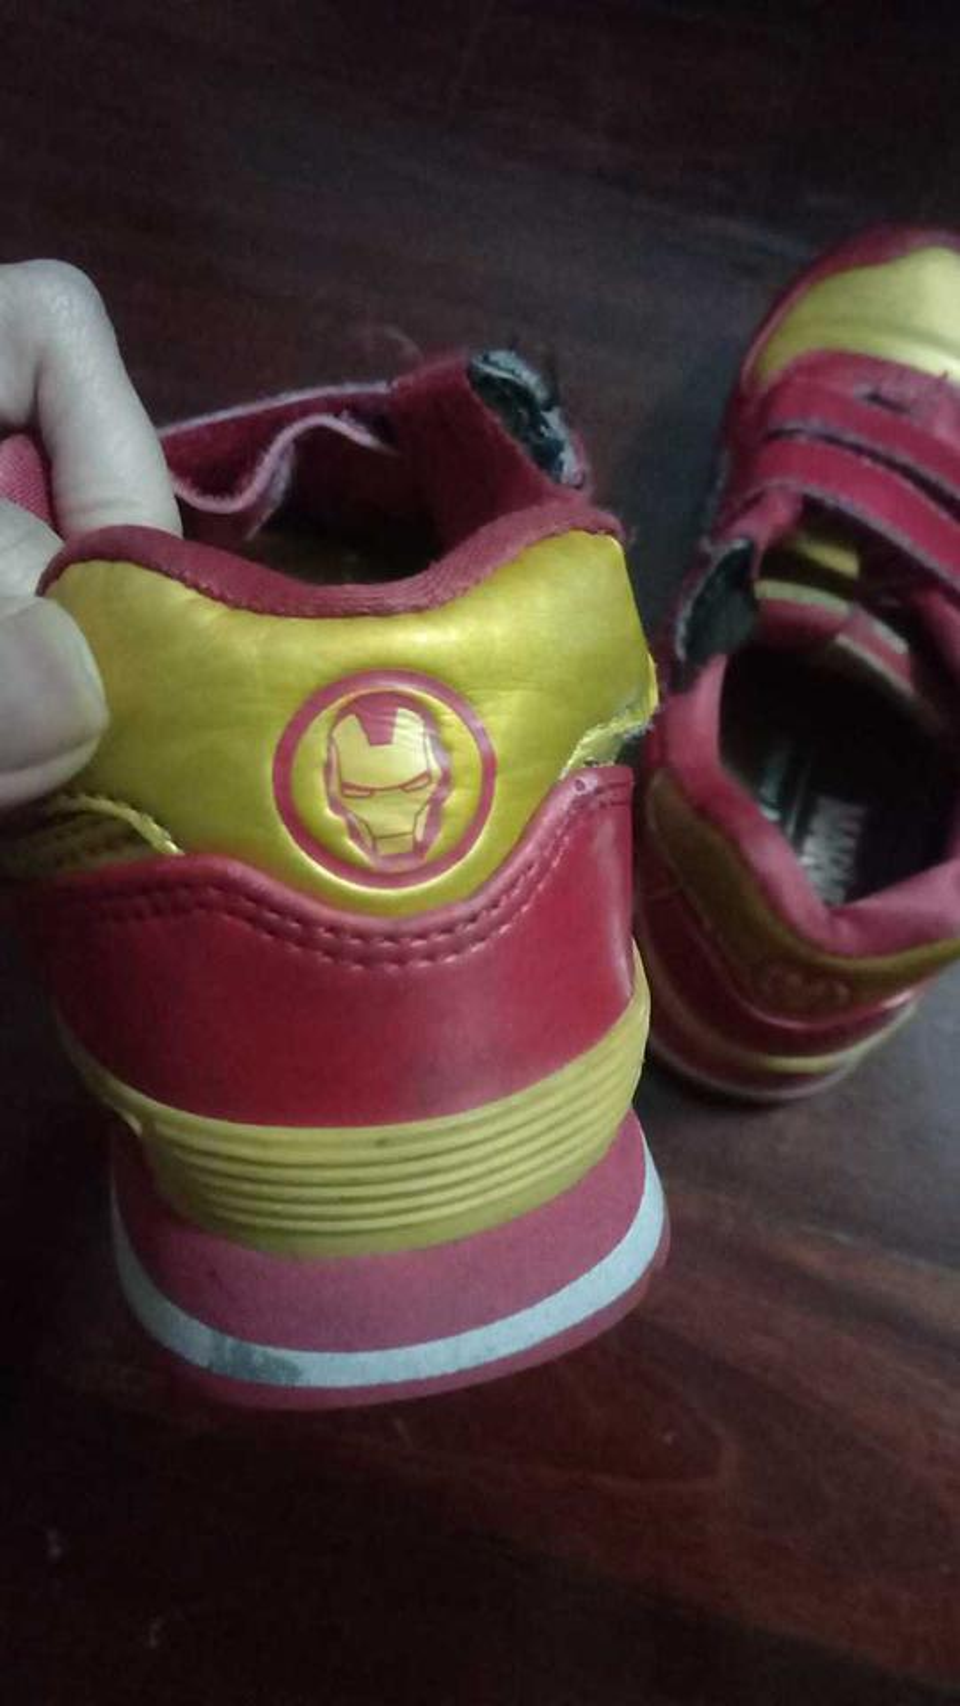 รองเท้าเด็ก รูปที่ 3